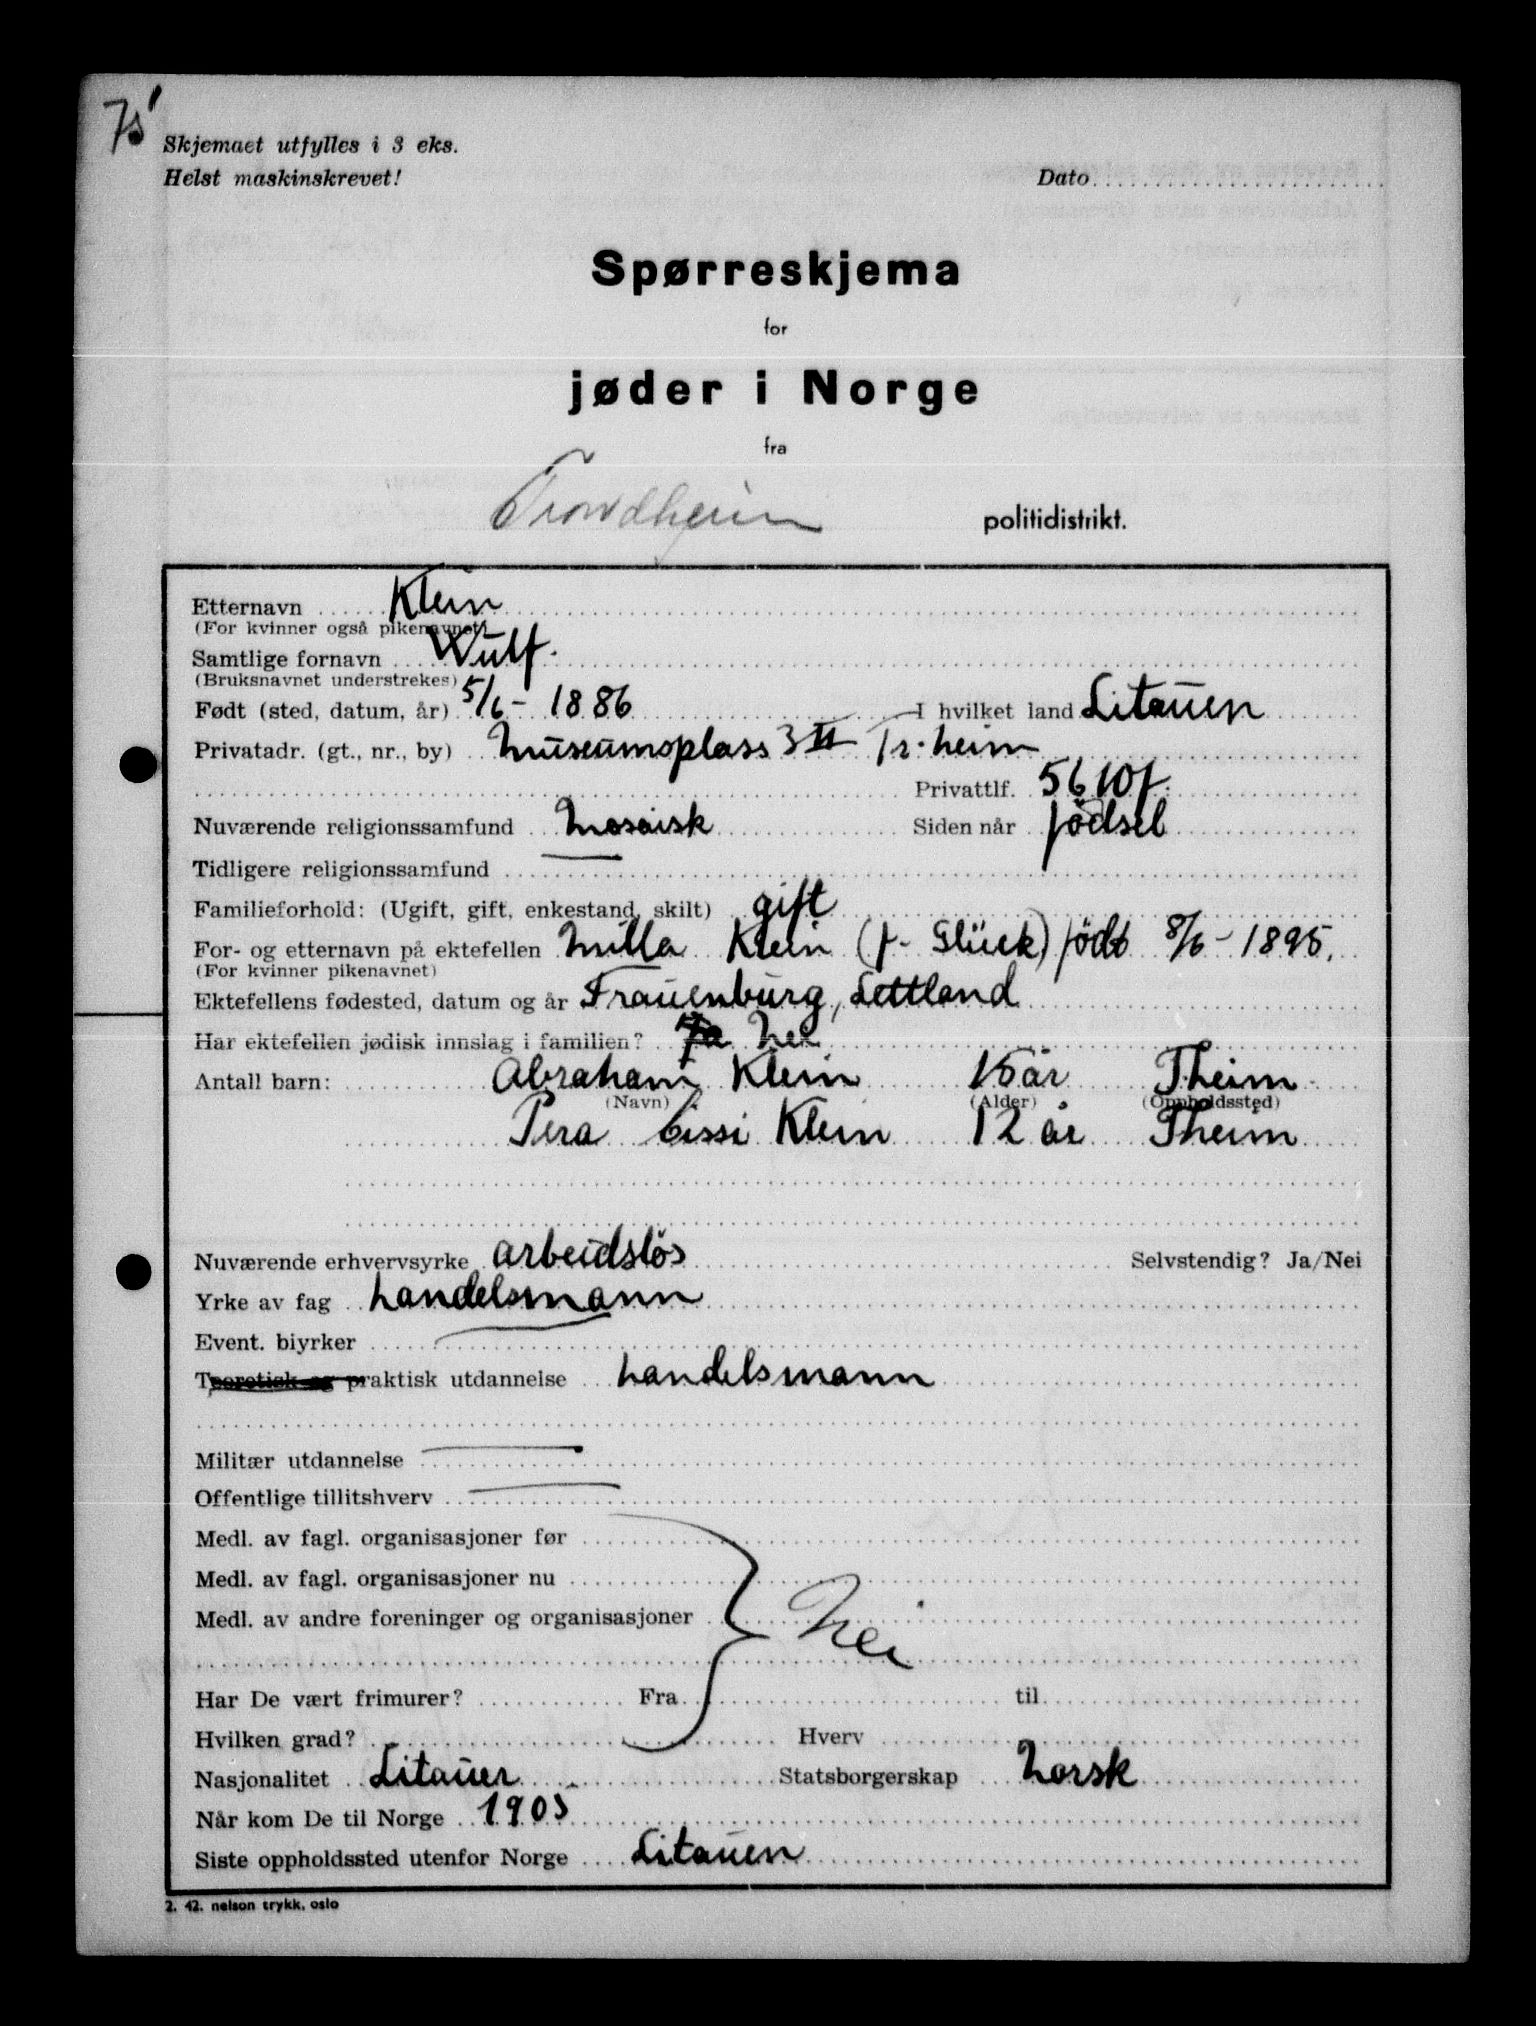 RA, Statspolitiet - Hovedkontoret / Osloavdelingen, G/Ga/L0013: Spørreskjema for jøder i Norge. 1: Sandefjord-Trondheim. 2: Tønsberg- Ålesund.  3: Skriv vedr. jøder A-H.  , 1942-1943, s. 109